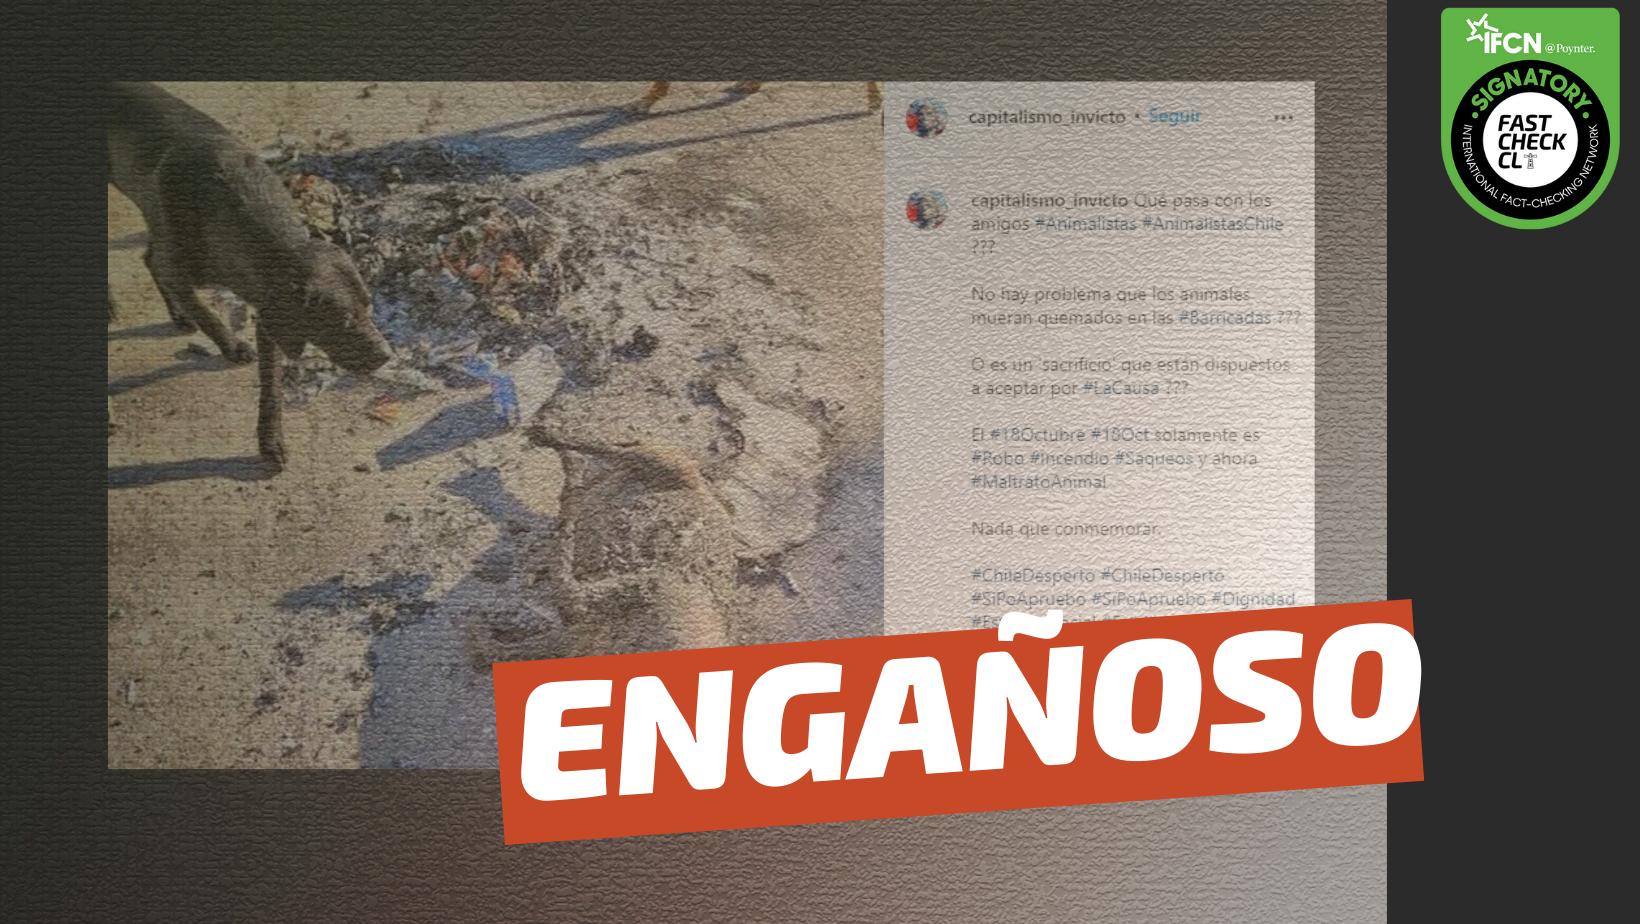 Read more about the article (Imagen): Perro fue quemado en barricadas: #Engañoso